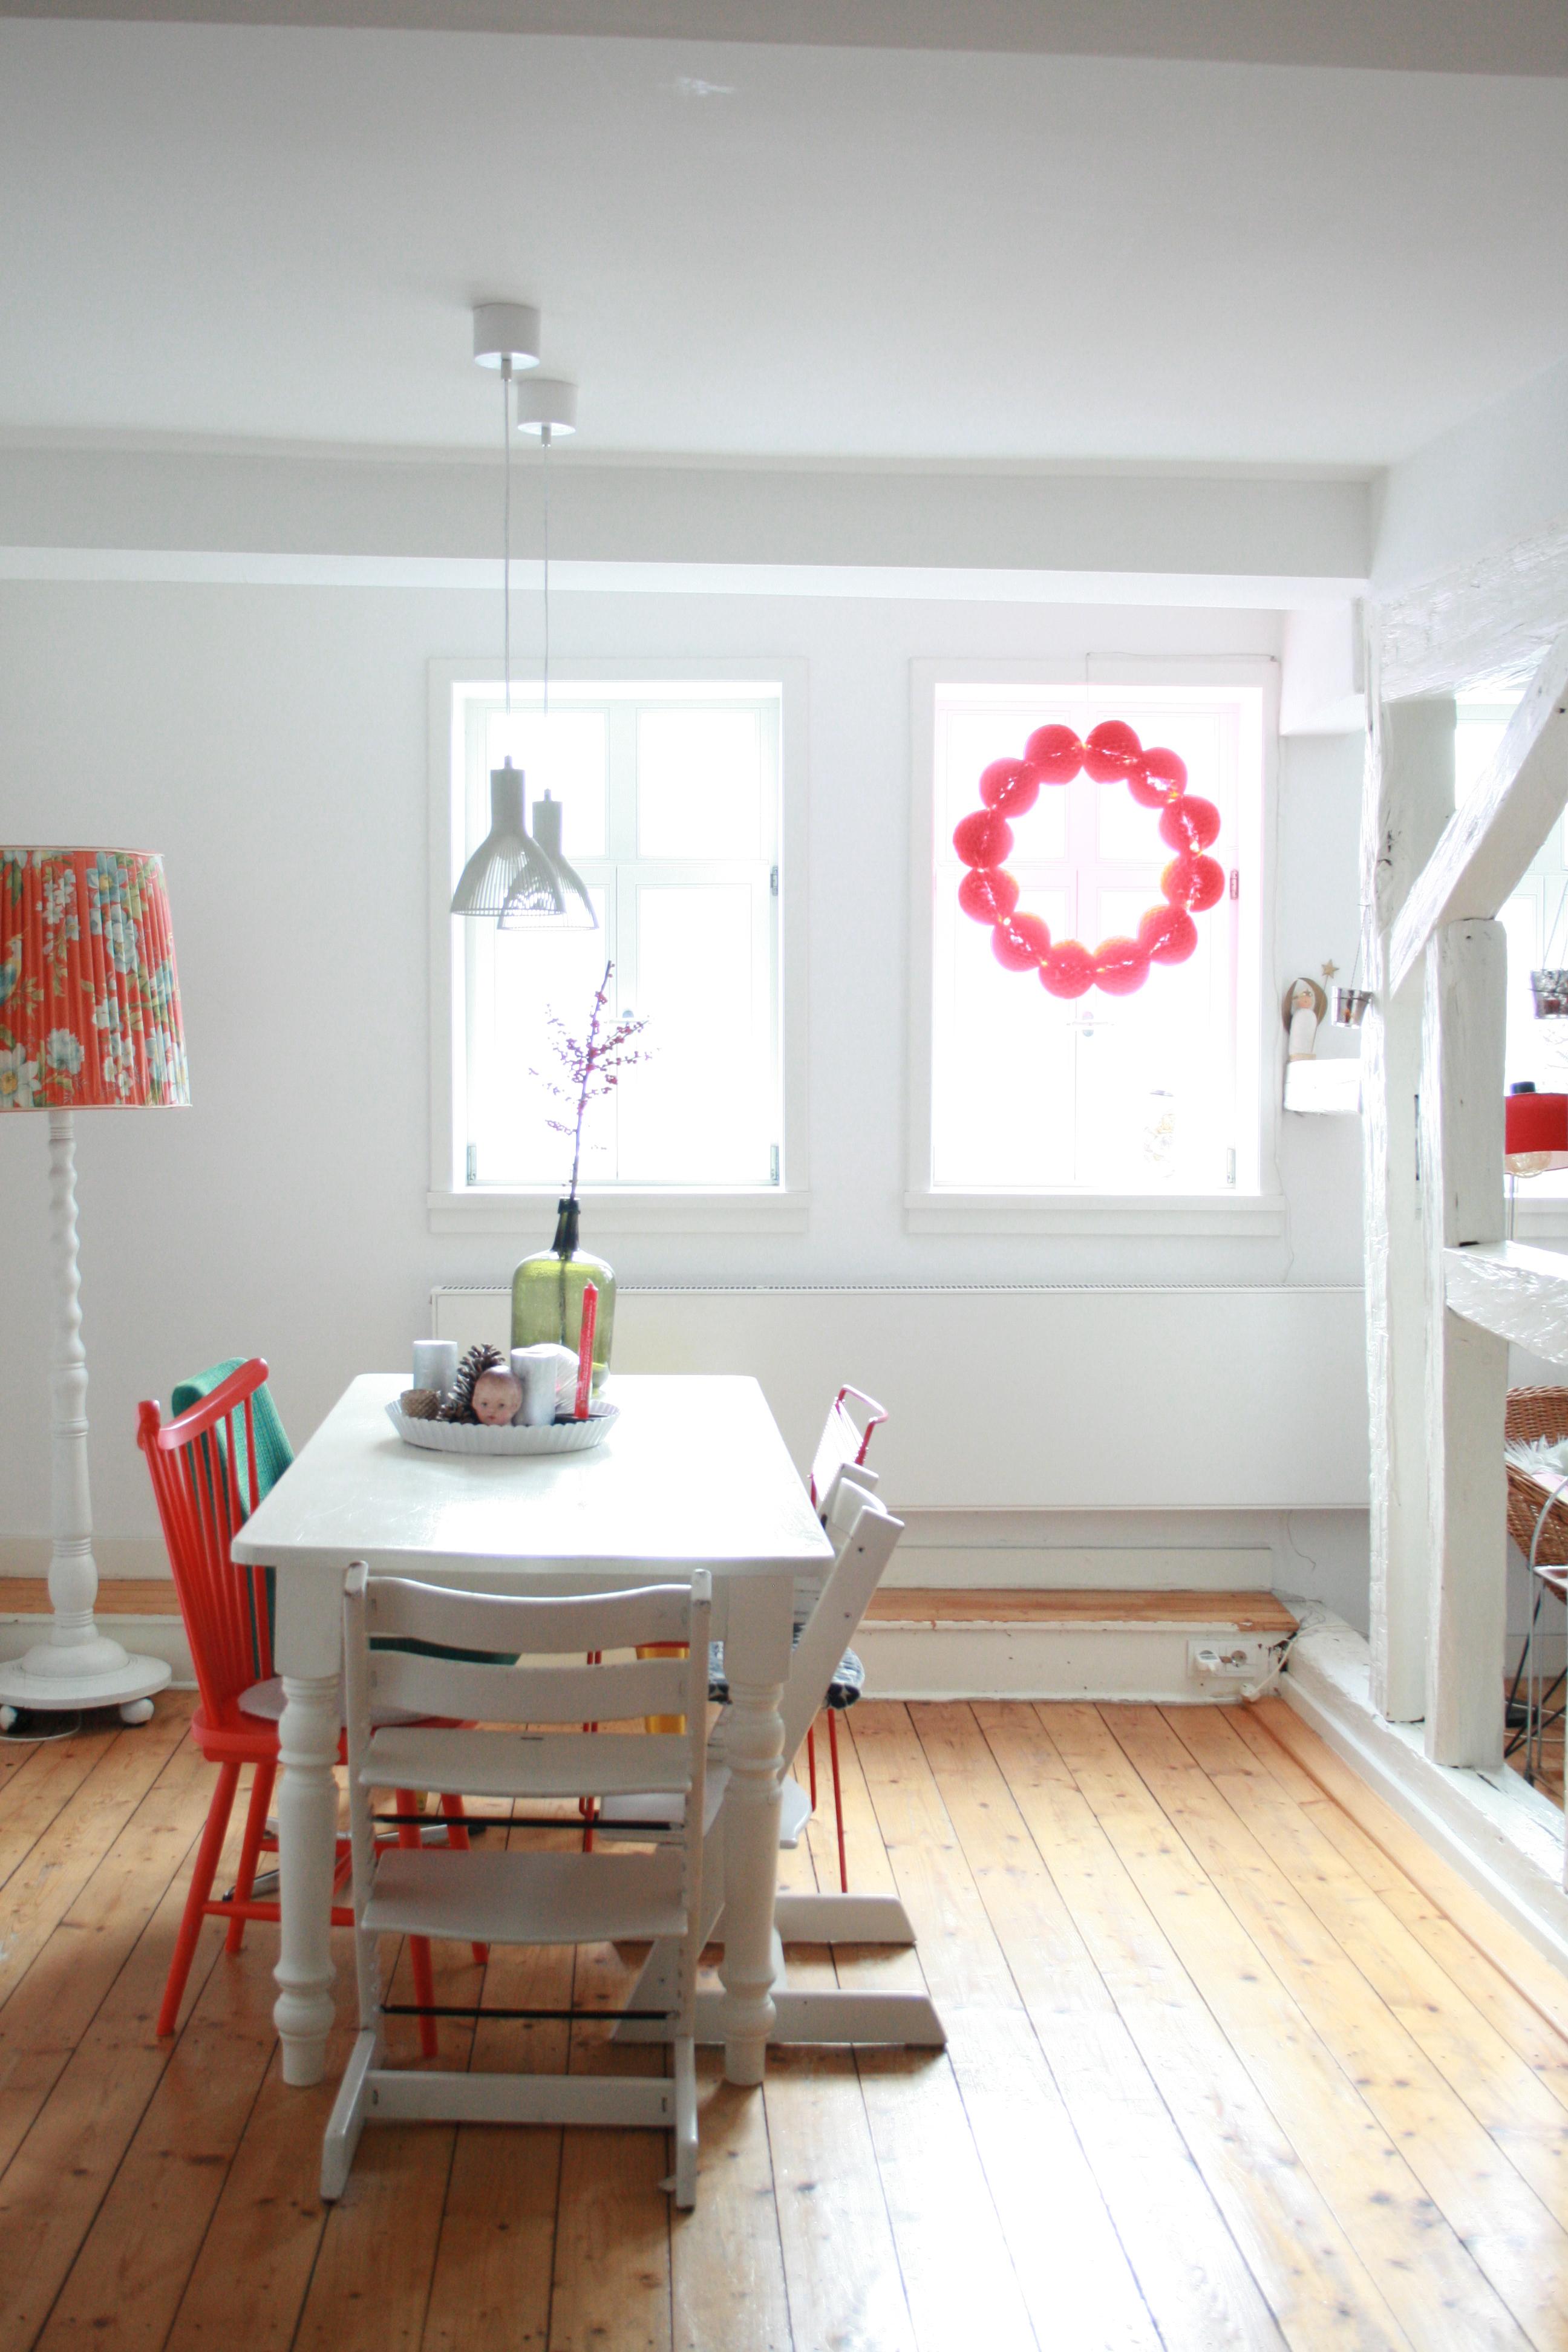 Einblicke ins vorweihnachtliche Wohnzimmer | My home is my horst